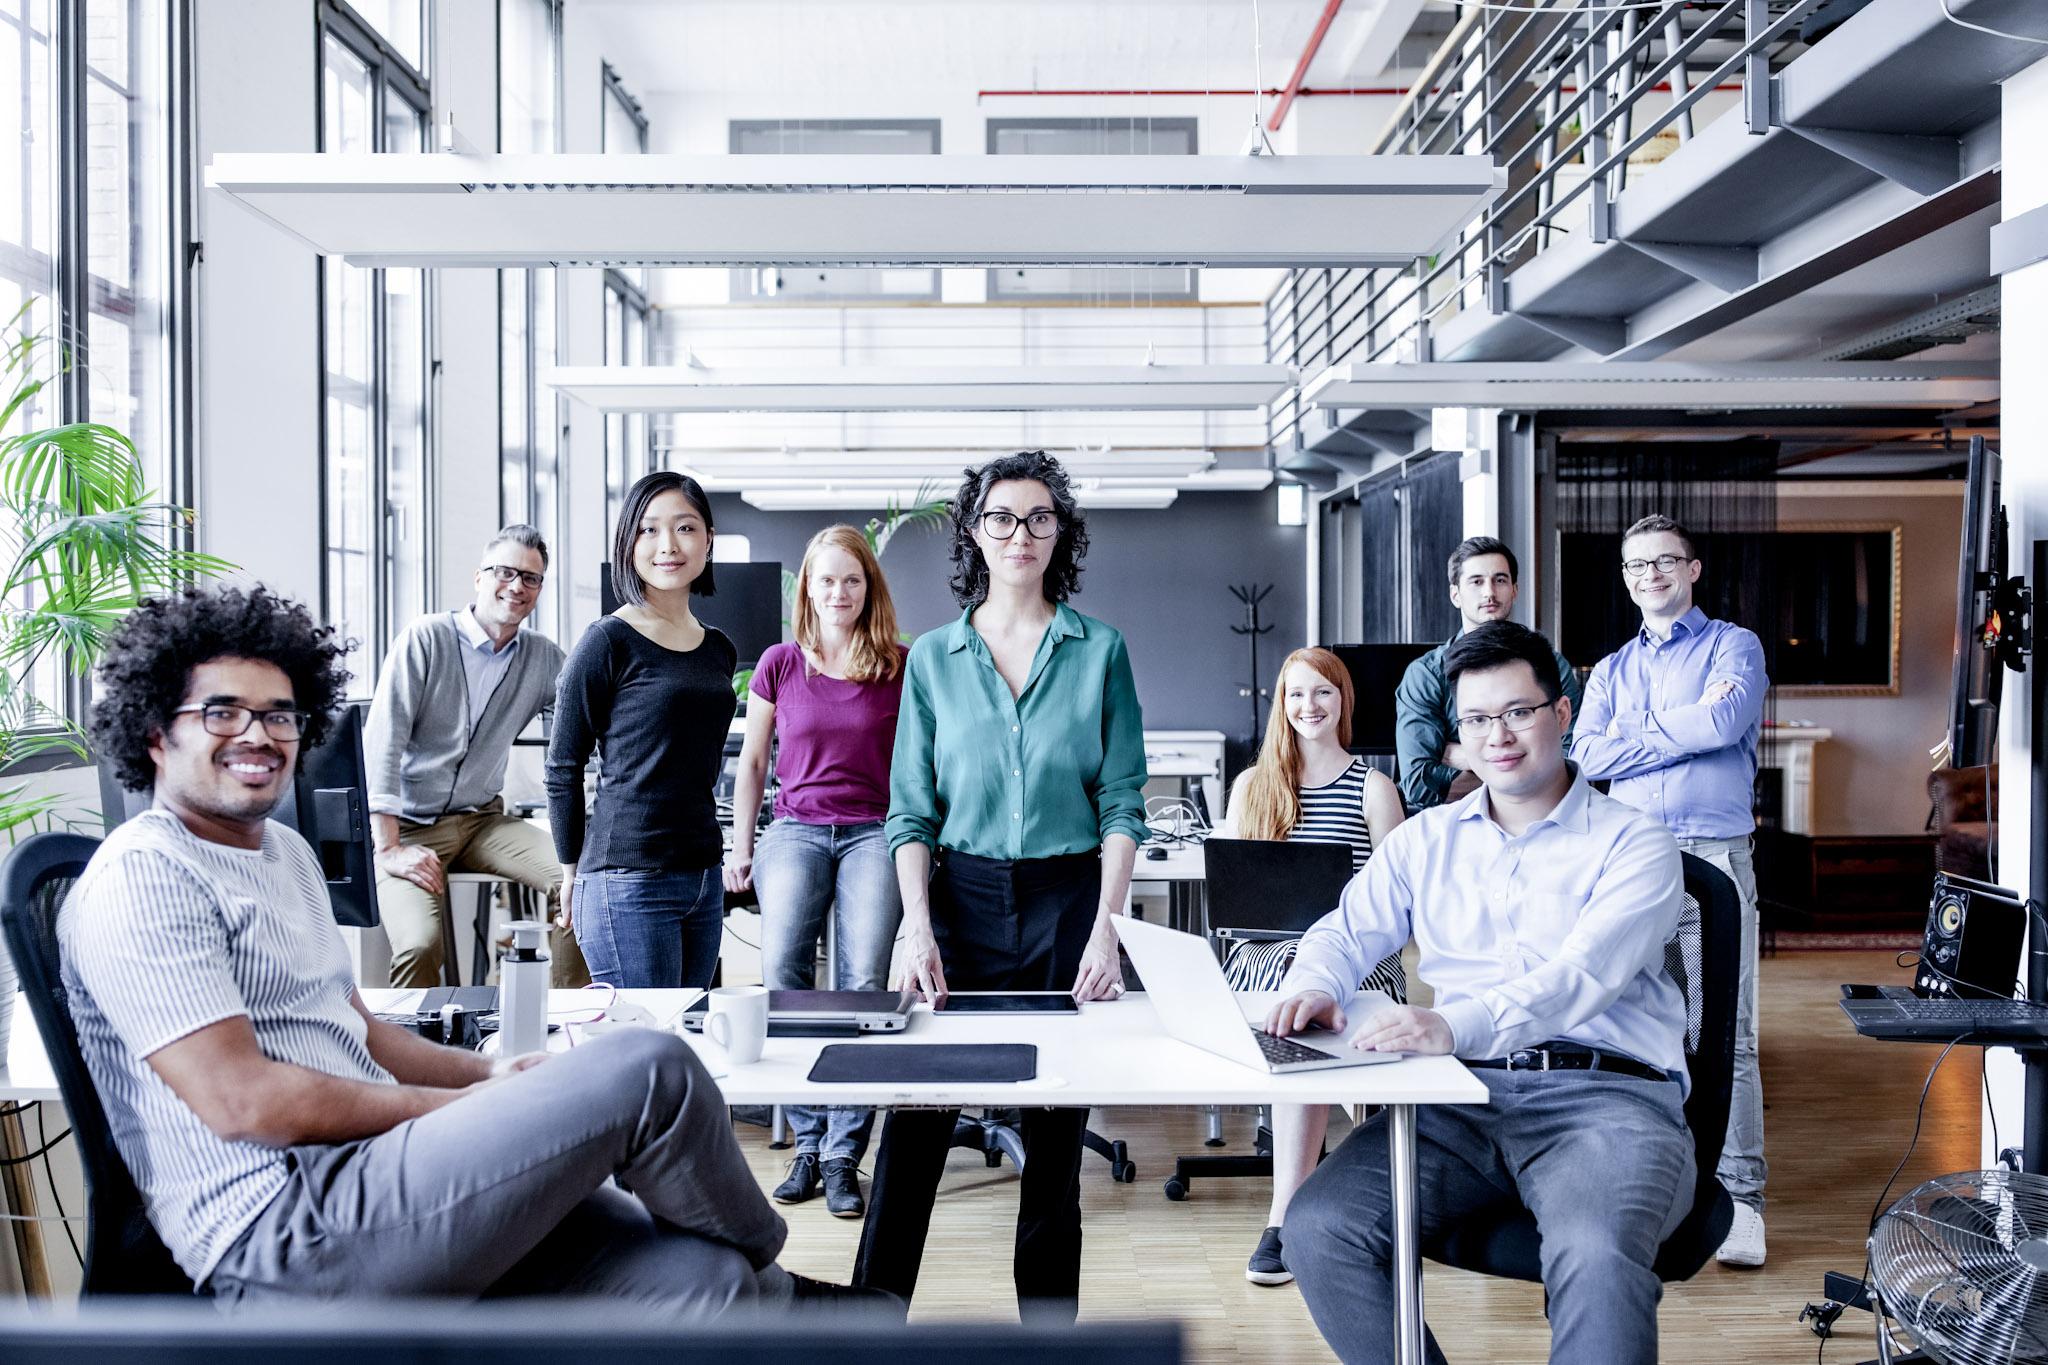 Nove persone siedono o stanno insieme in una stanza